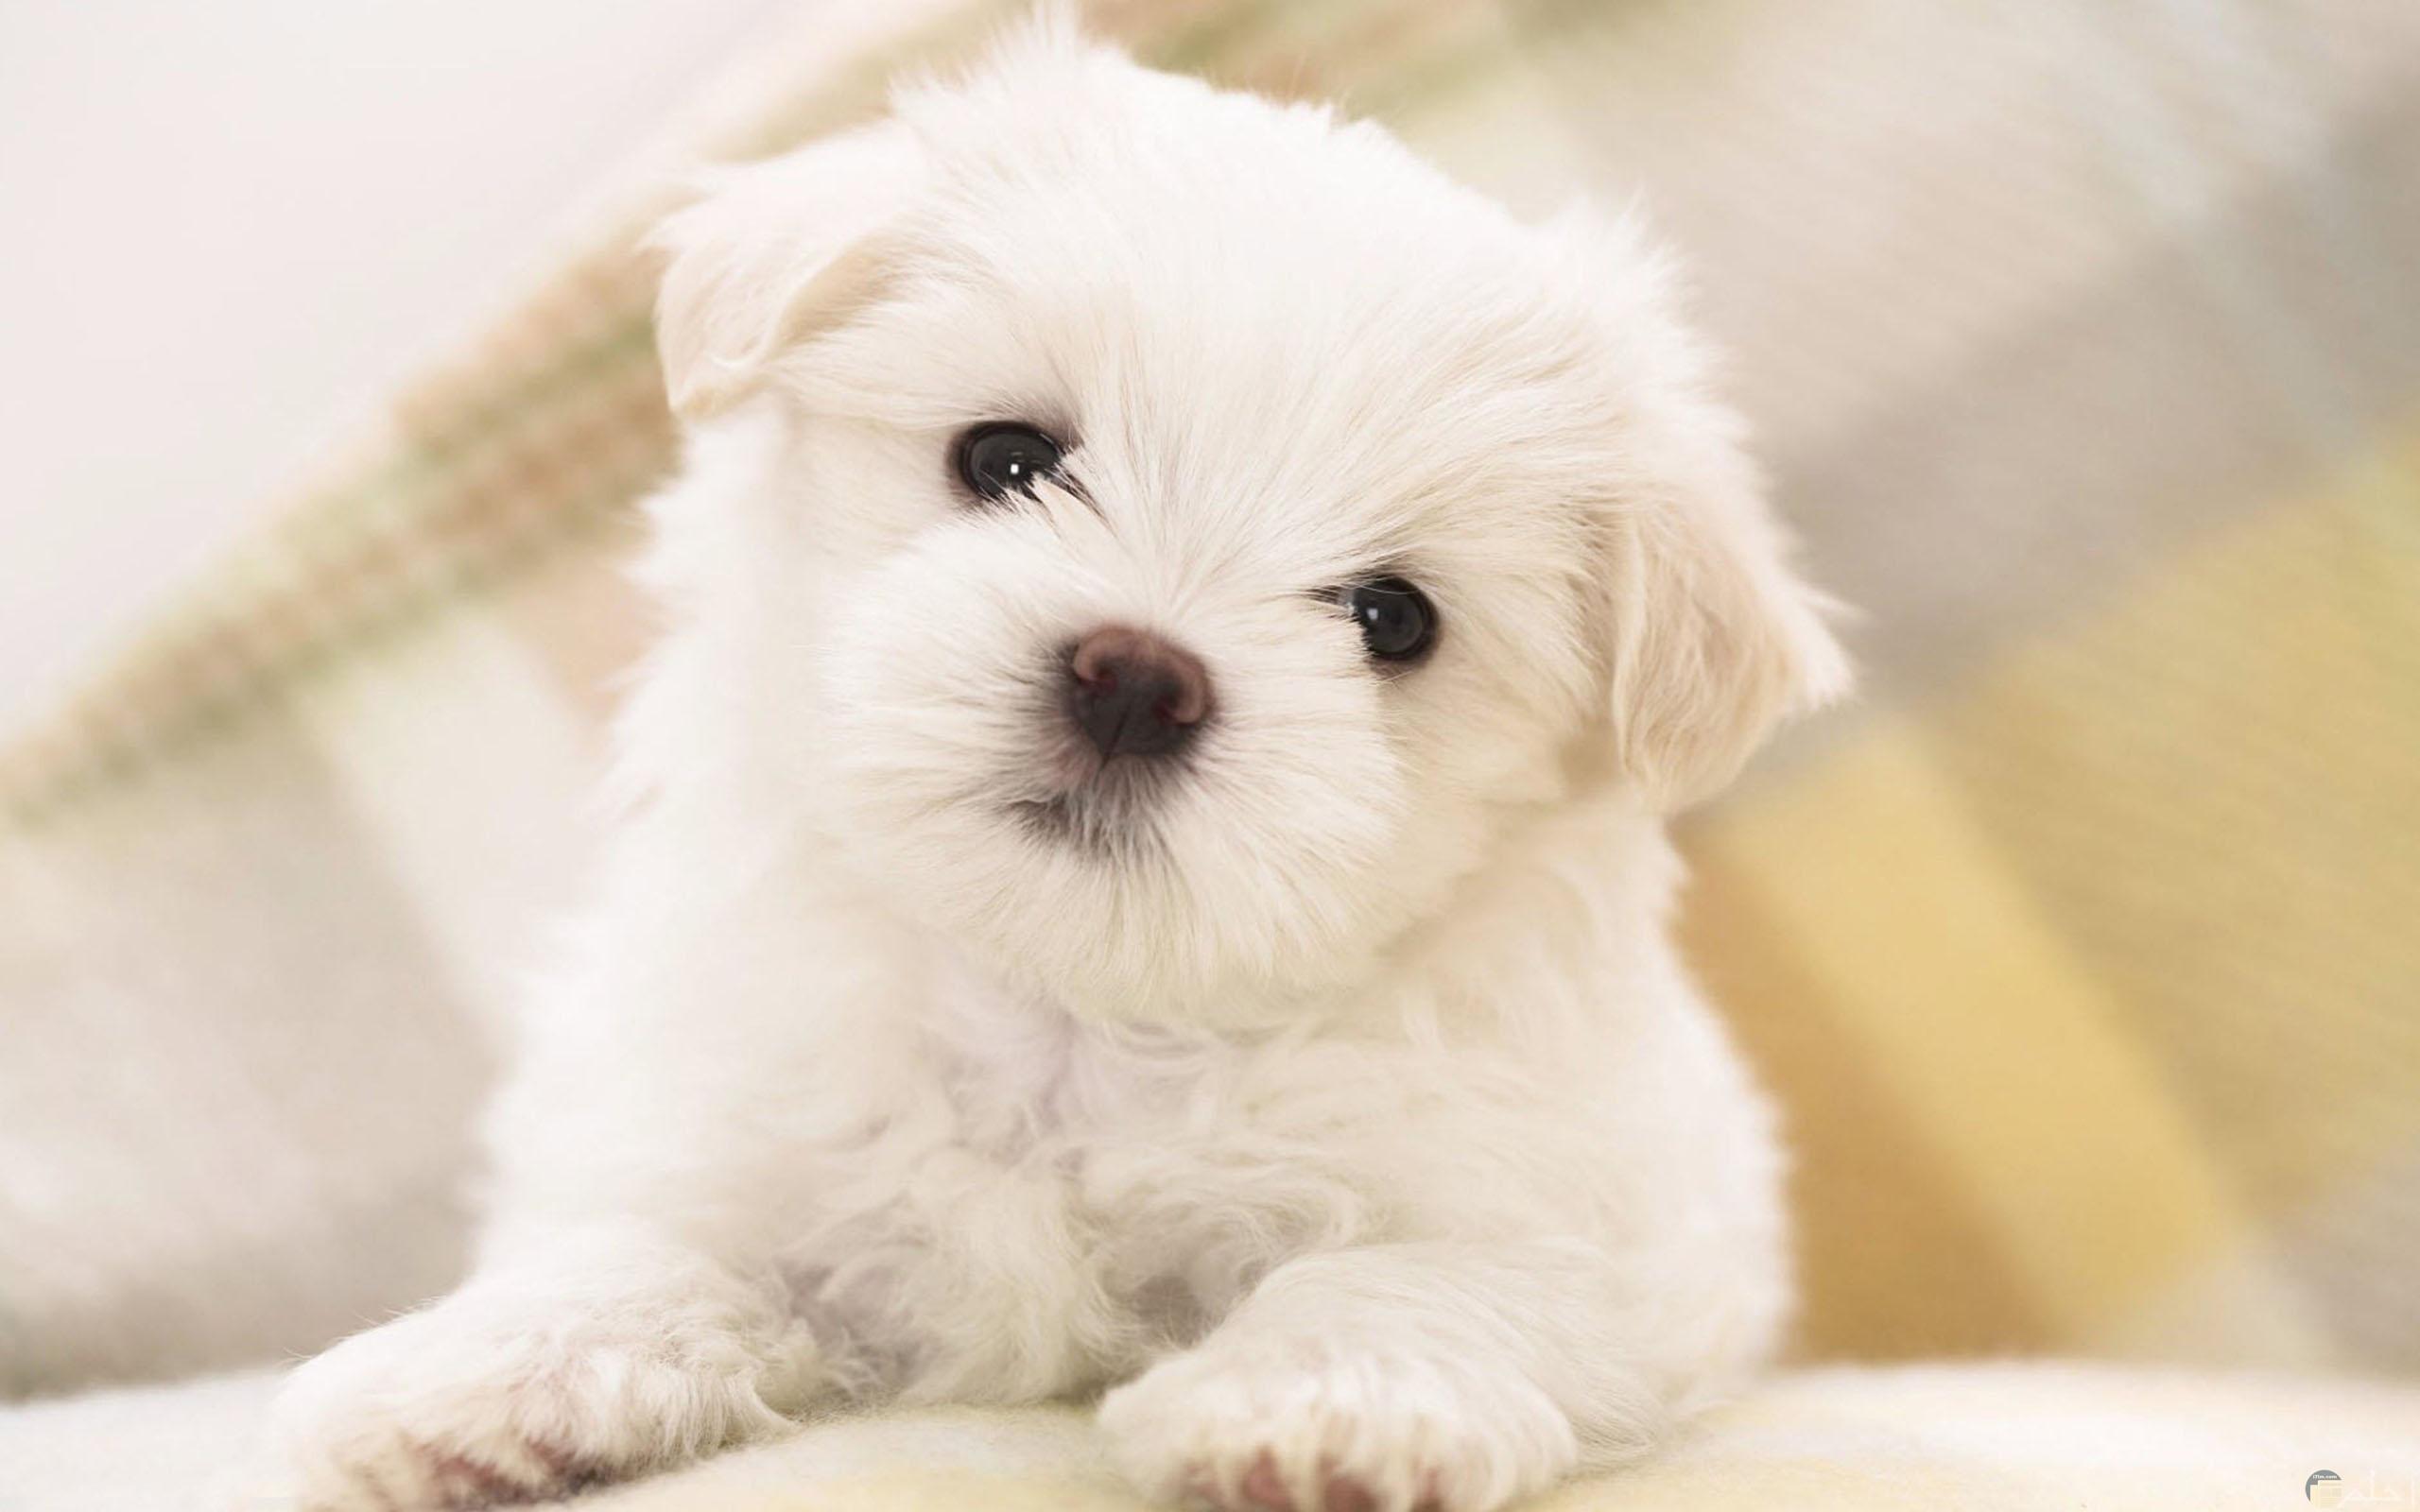 صورة كلب جرو أبيض اللون.